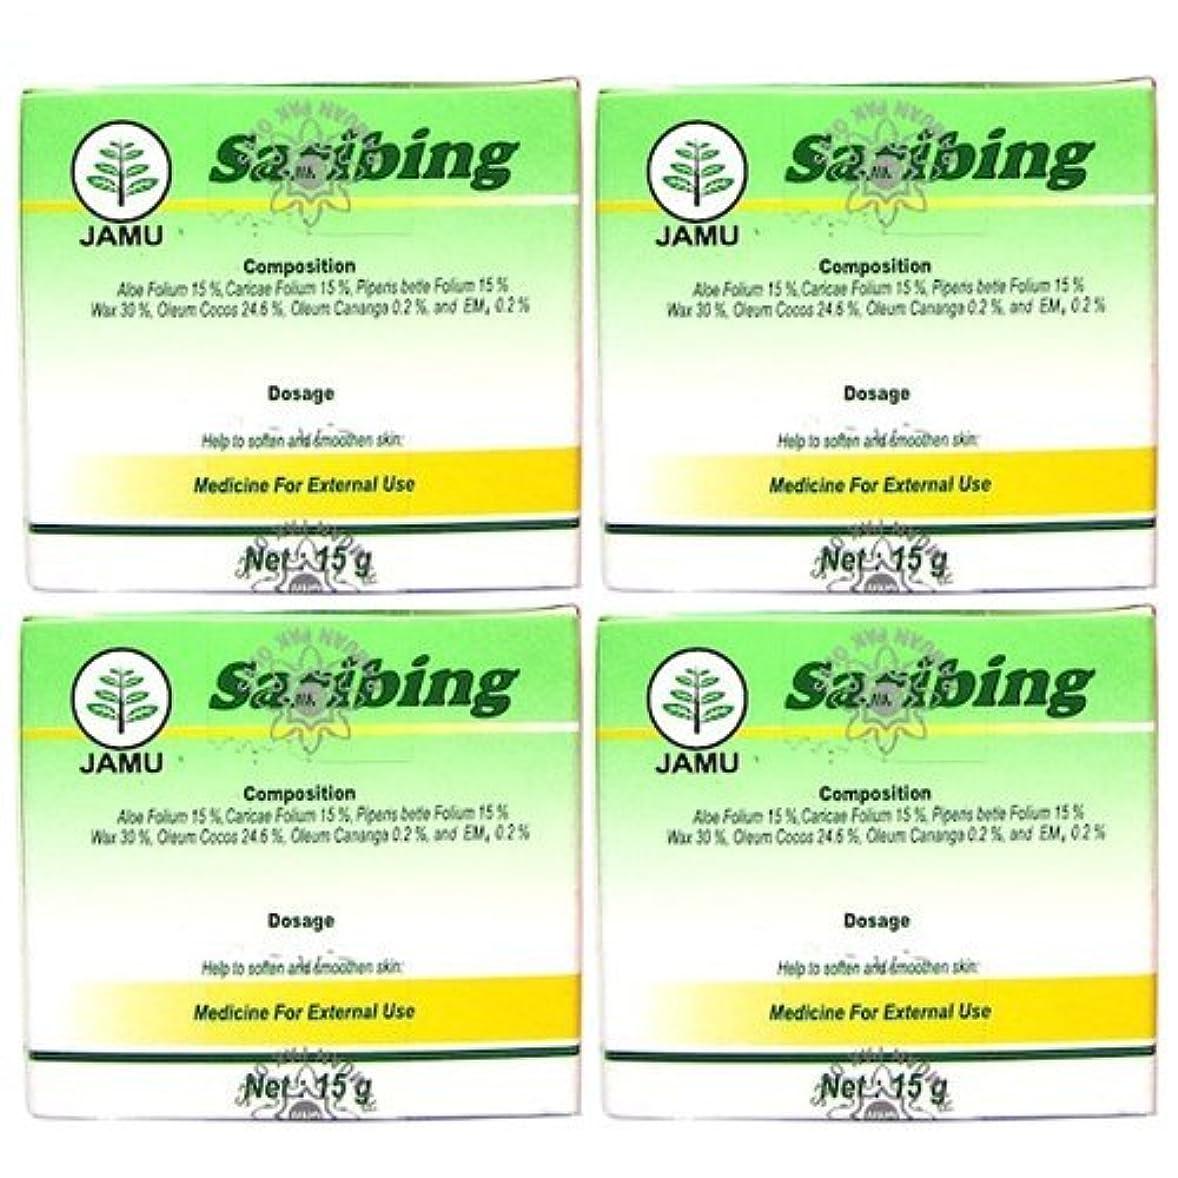 見通し暴君理容室Saribing(サリビン)ビューティー クリーム 15g 4個セット [並行輸入品][海外直送品]